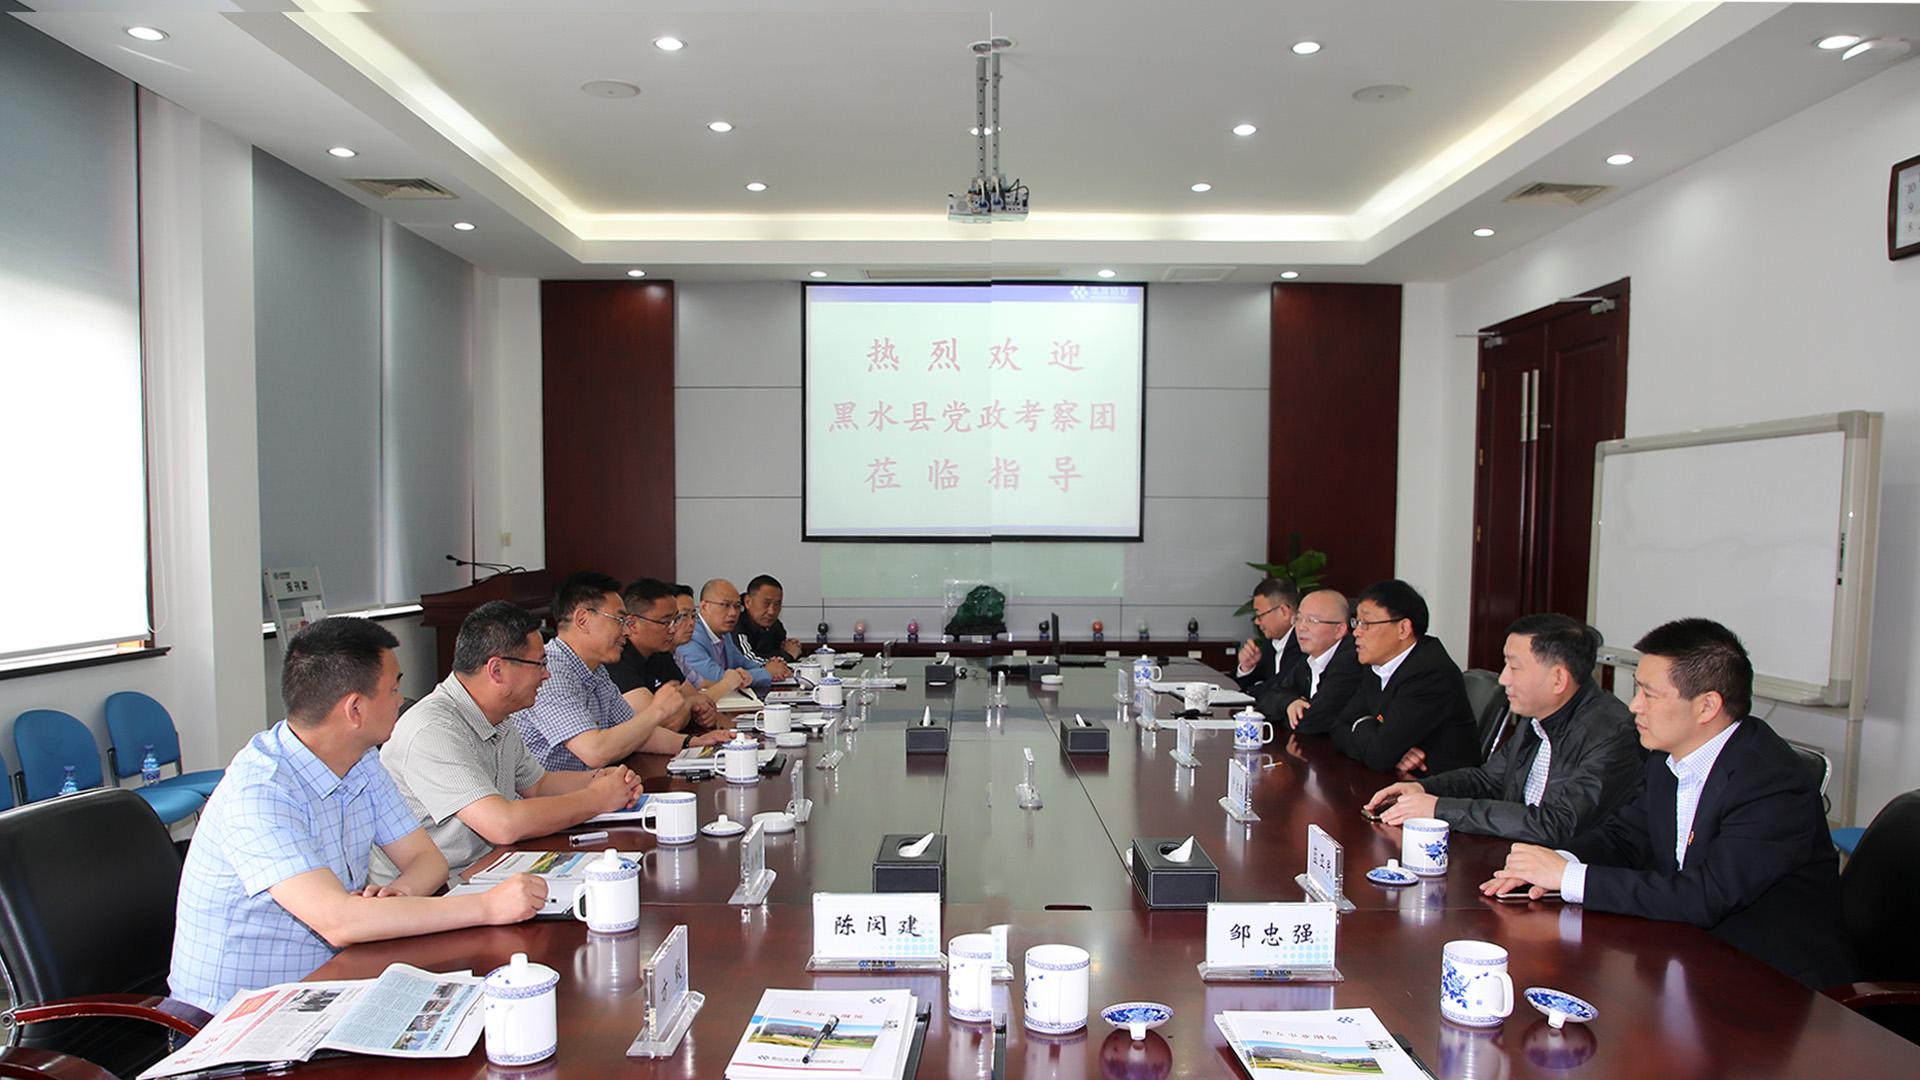 四川省黑水县党政考察团一行来公司参观交流